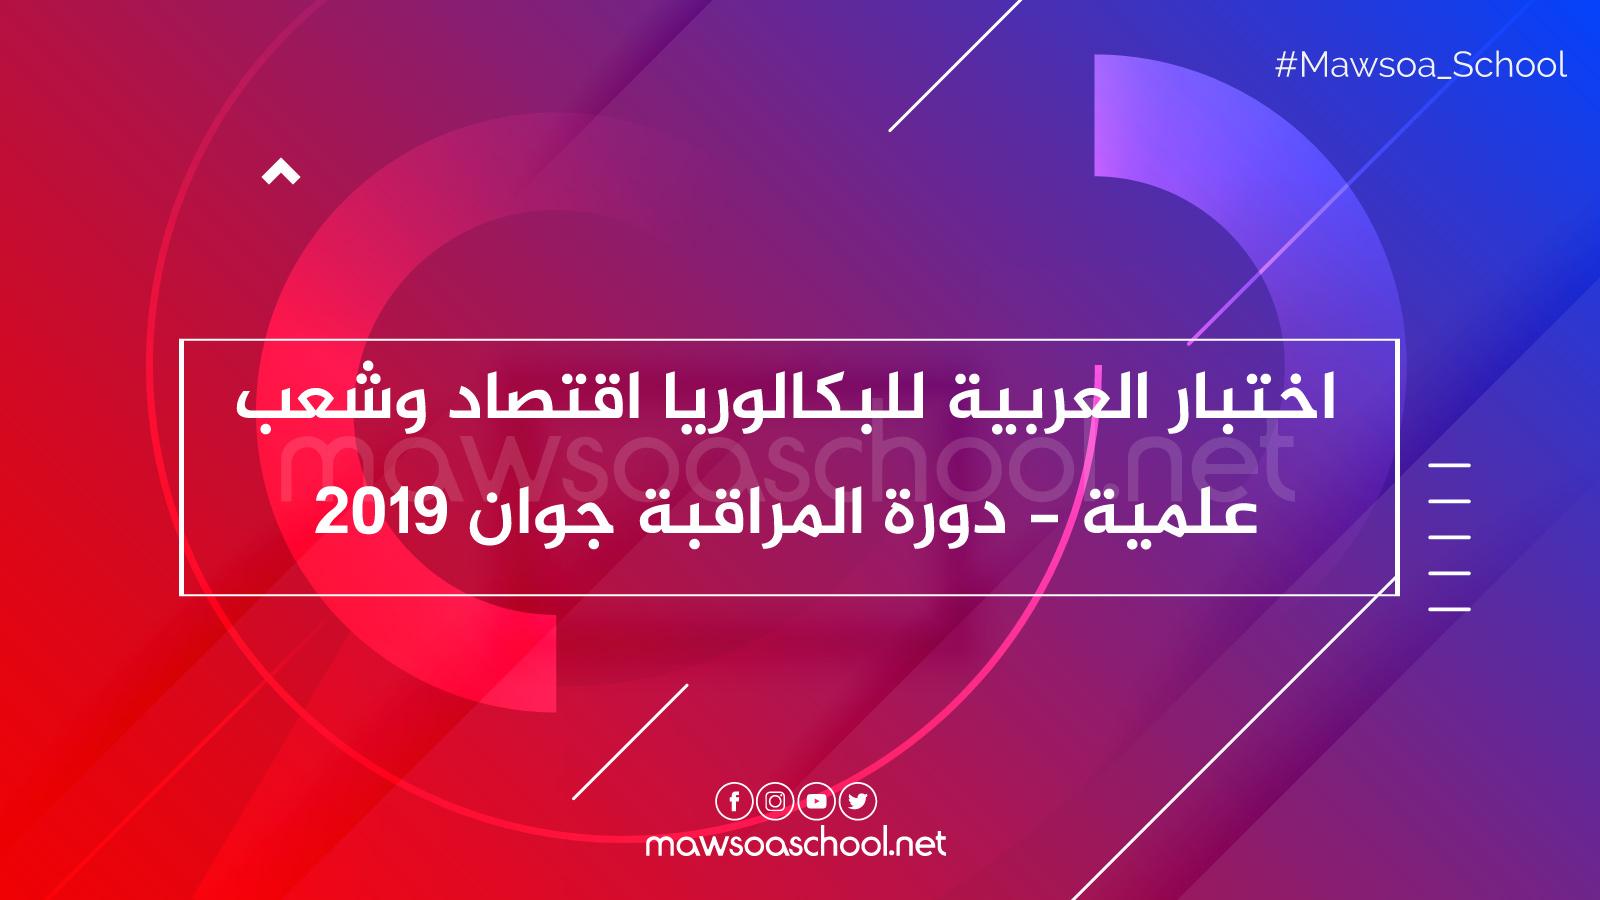 اختبار العربية للبكالوريا اقتصاد وشعب علمية - دورة المراقبة جوان 2019